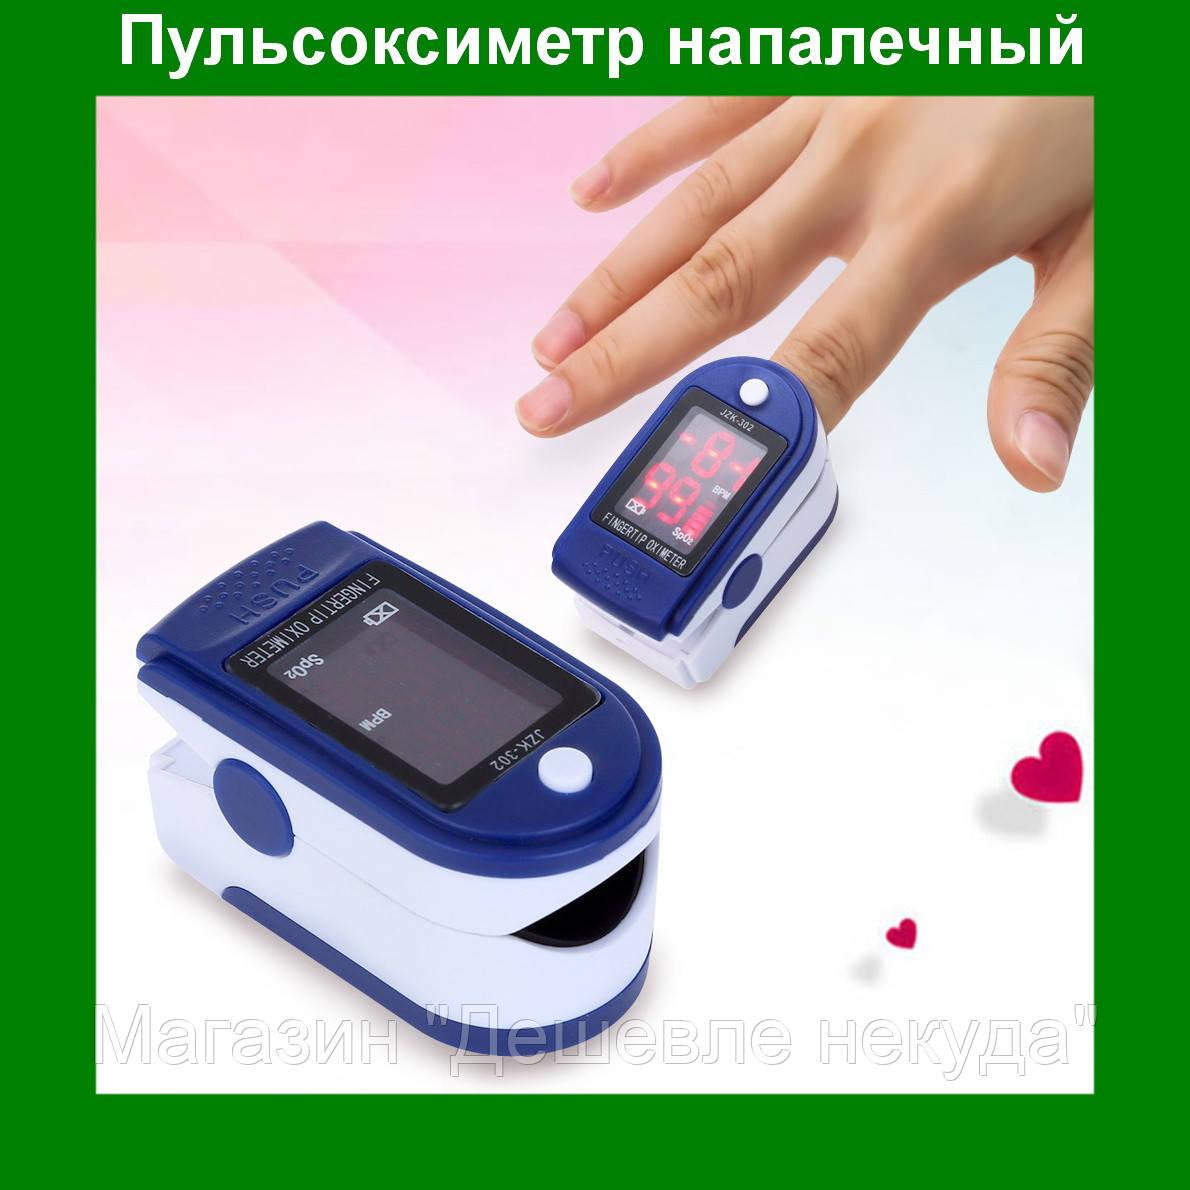 """Пульсоксиметр напалечный Pulse Oximeter JZK-302, прибор для измерения уровня кислорода в крови!Акция - Магазин """"Дешевле некуда"""" в Одессе"""